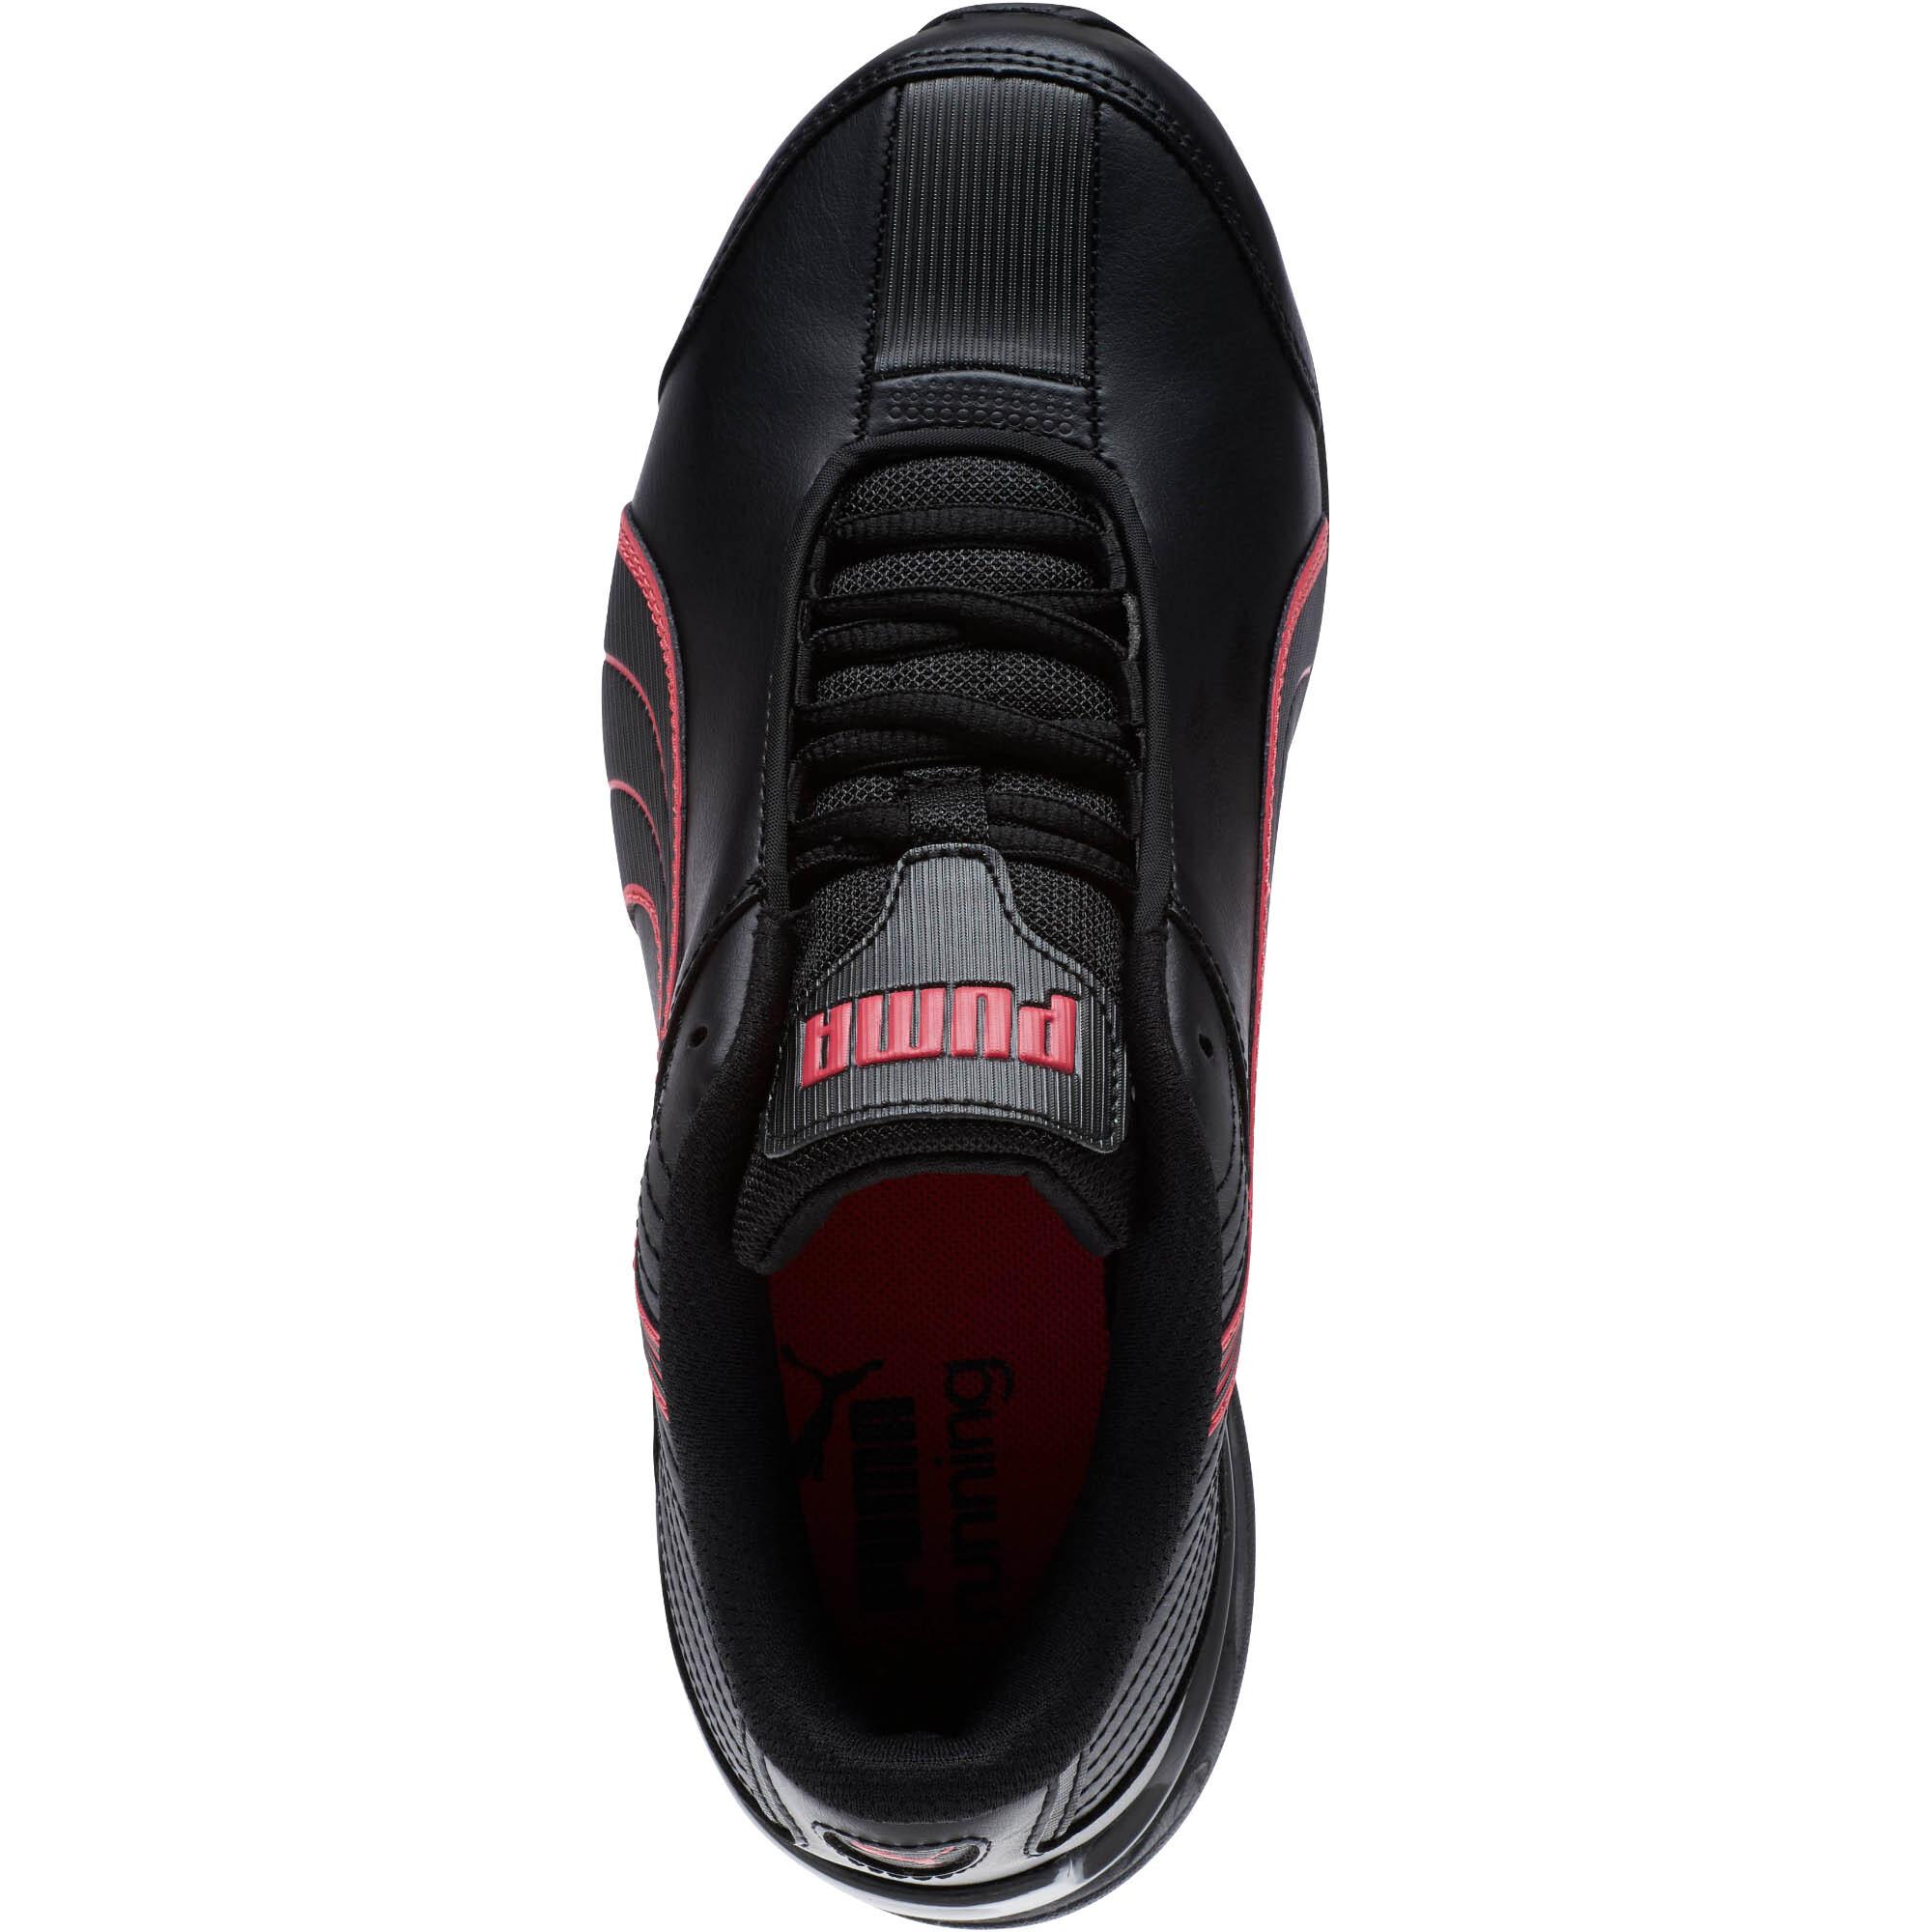 PUMA-Super-Elevate-Women-039-s-Training-Shoes-Women-Shoe-Running thumbnail 6